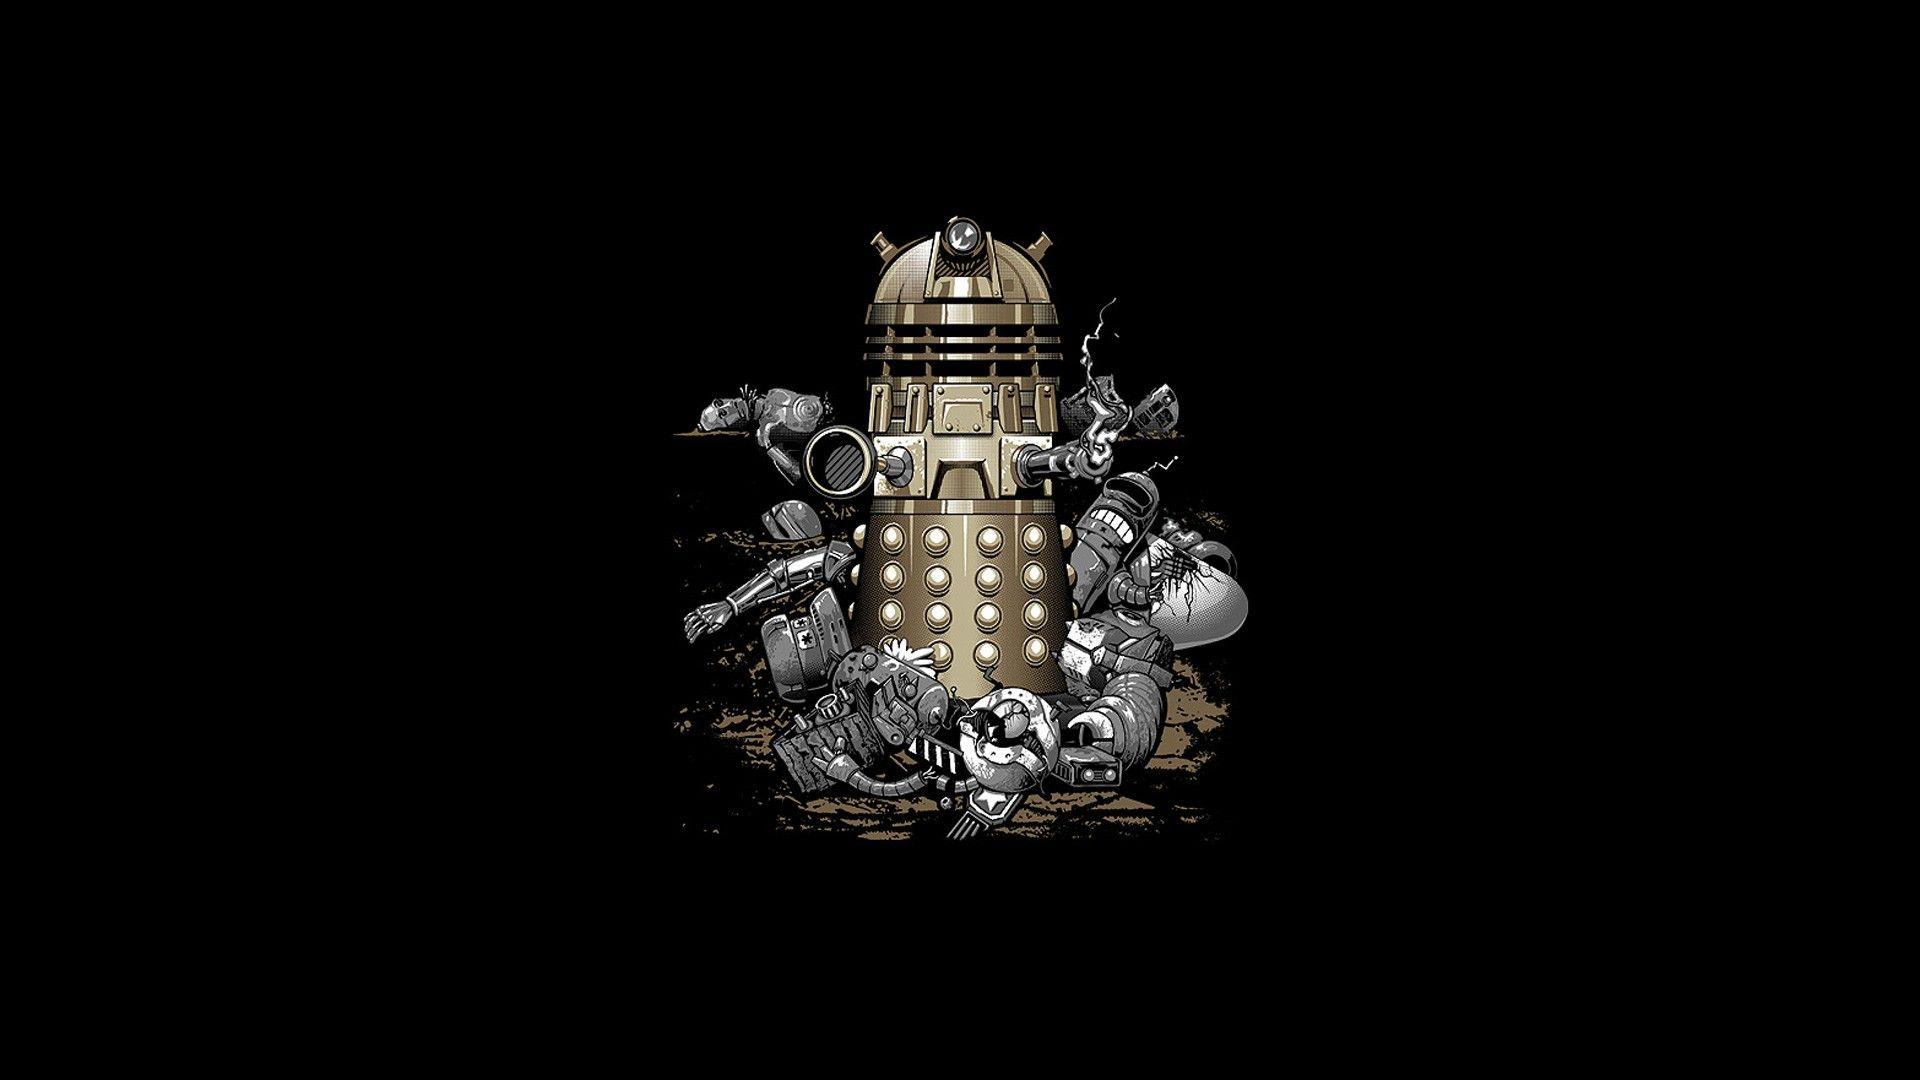 Great Wallpaper Mac Doctor Who - 4c79bf509e1293b0d0233e303e0c7f38  Picture_458630.jpg